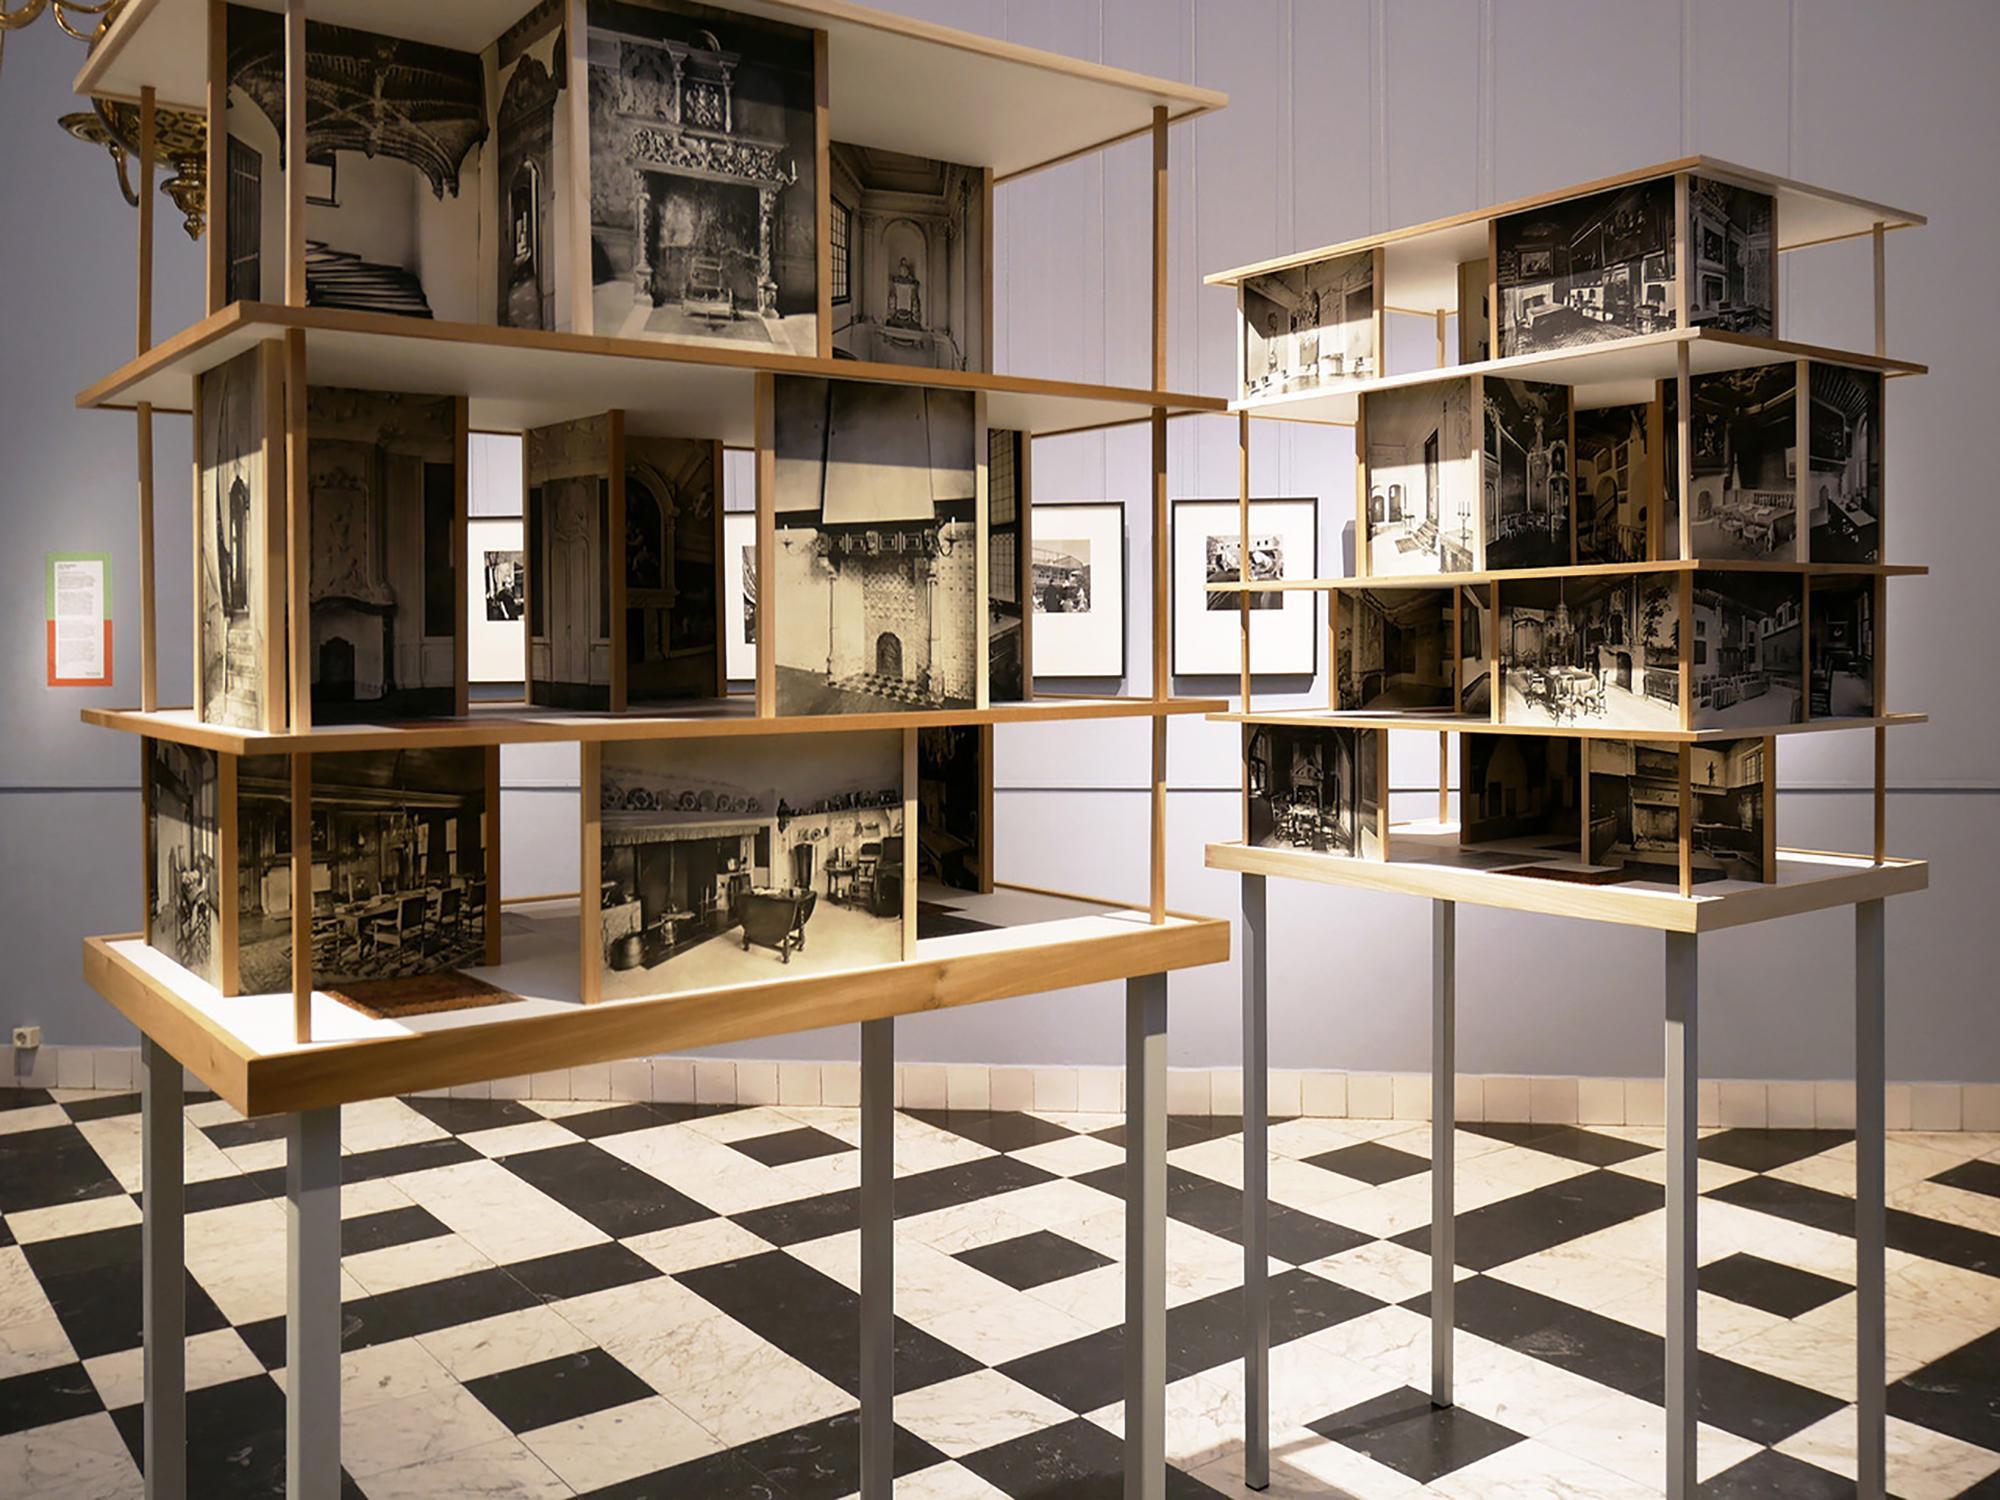 Moderne poppenhuizen in één ruimte met een historisch poppenhuis in het Frans Hals Museum in Haarlem